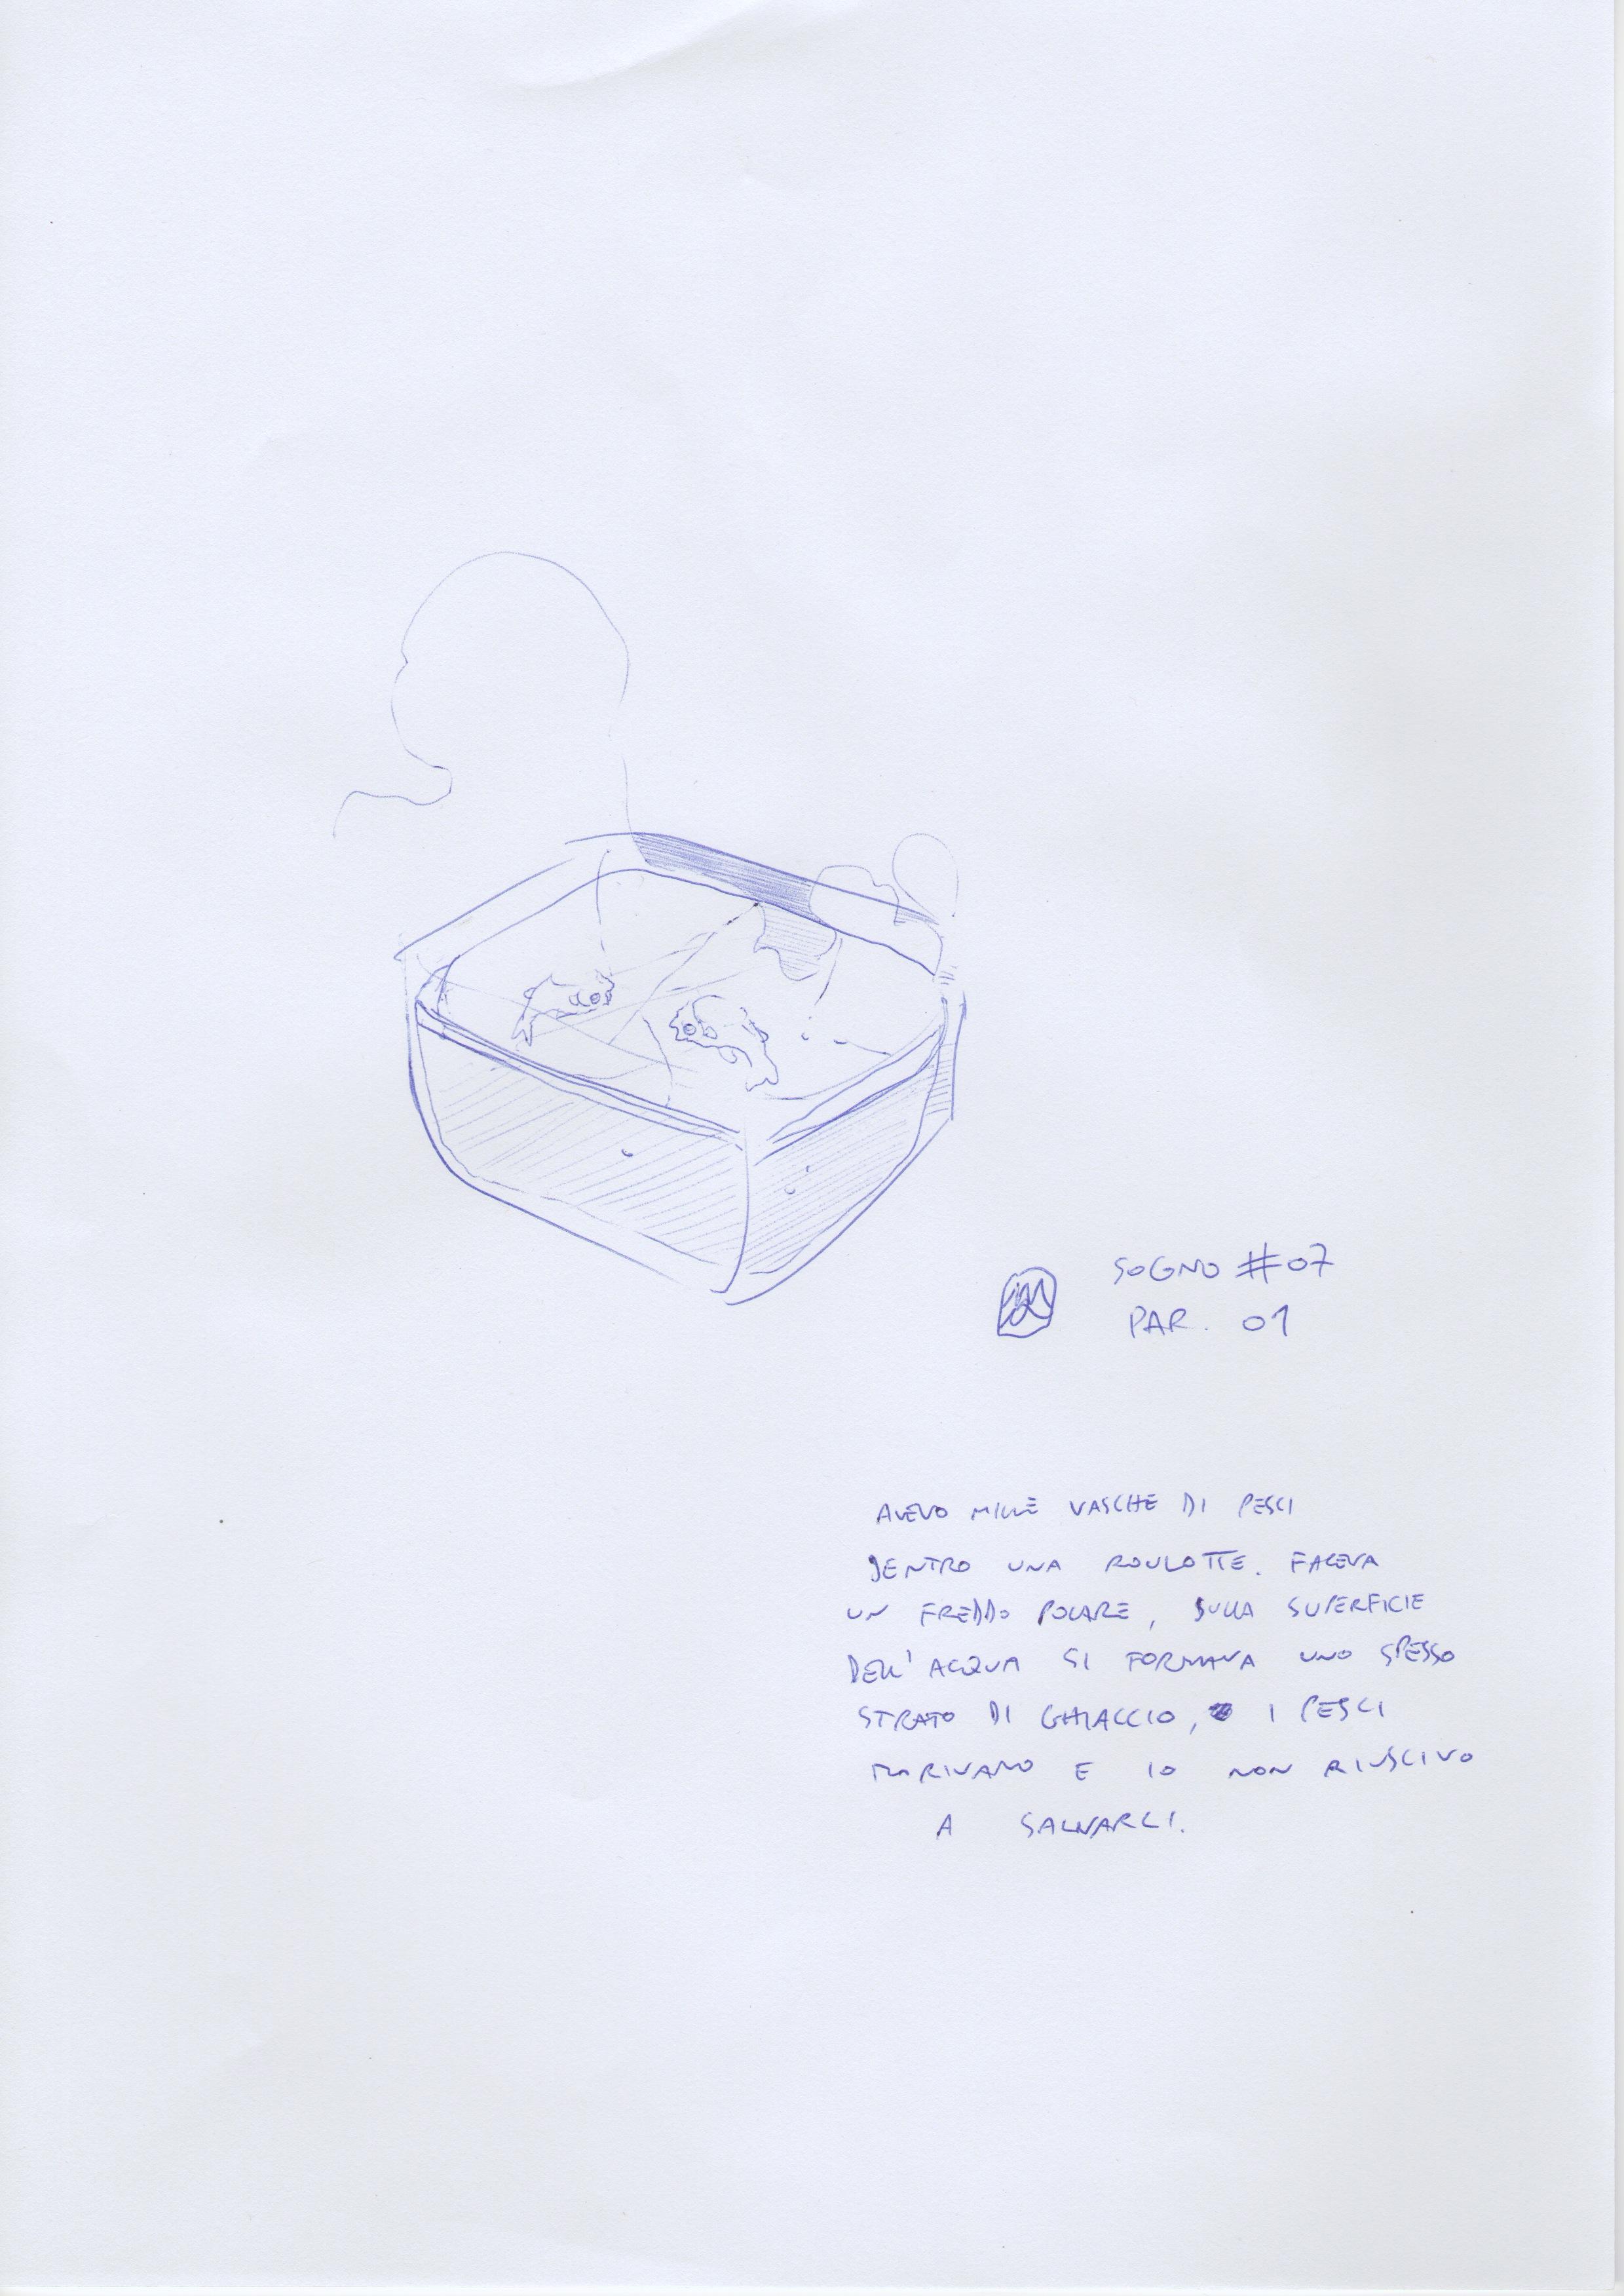 sogno07par01 - penna su carta - A4